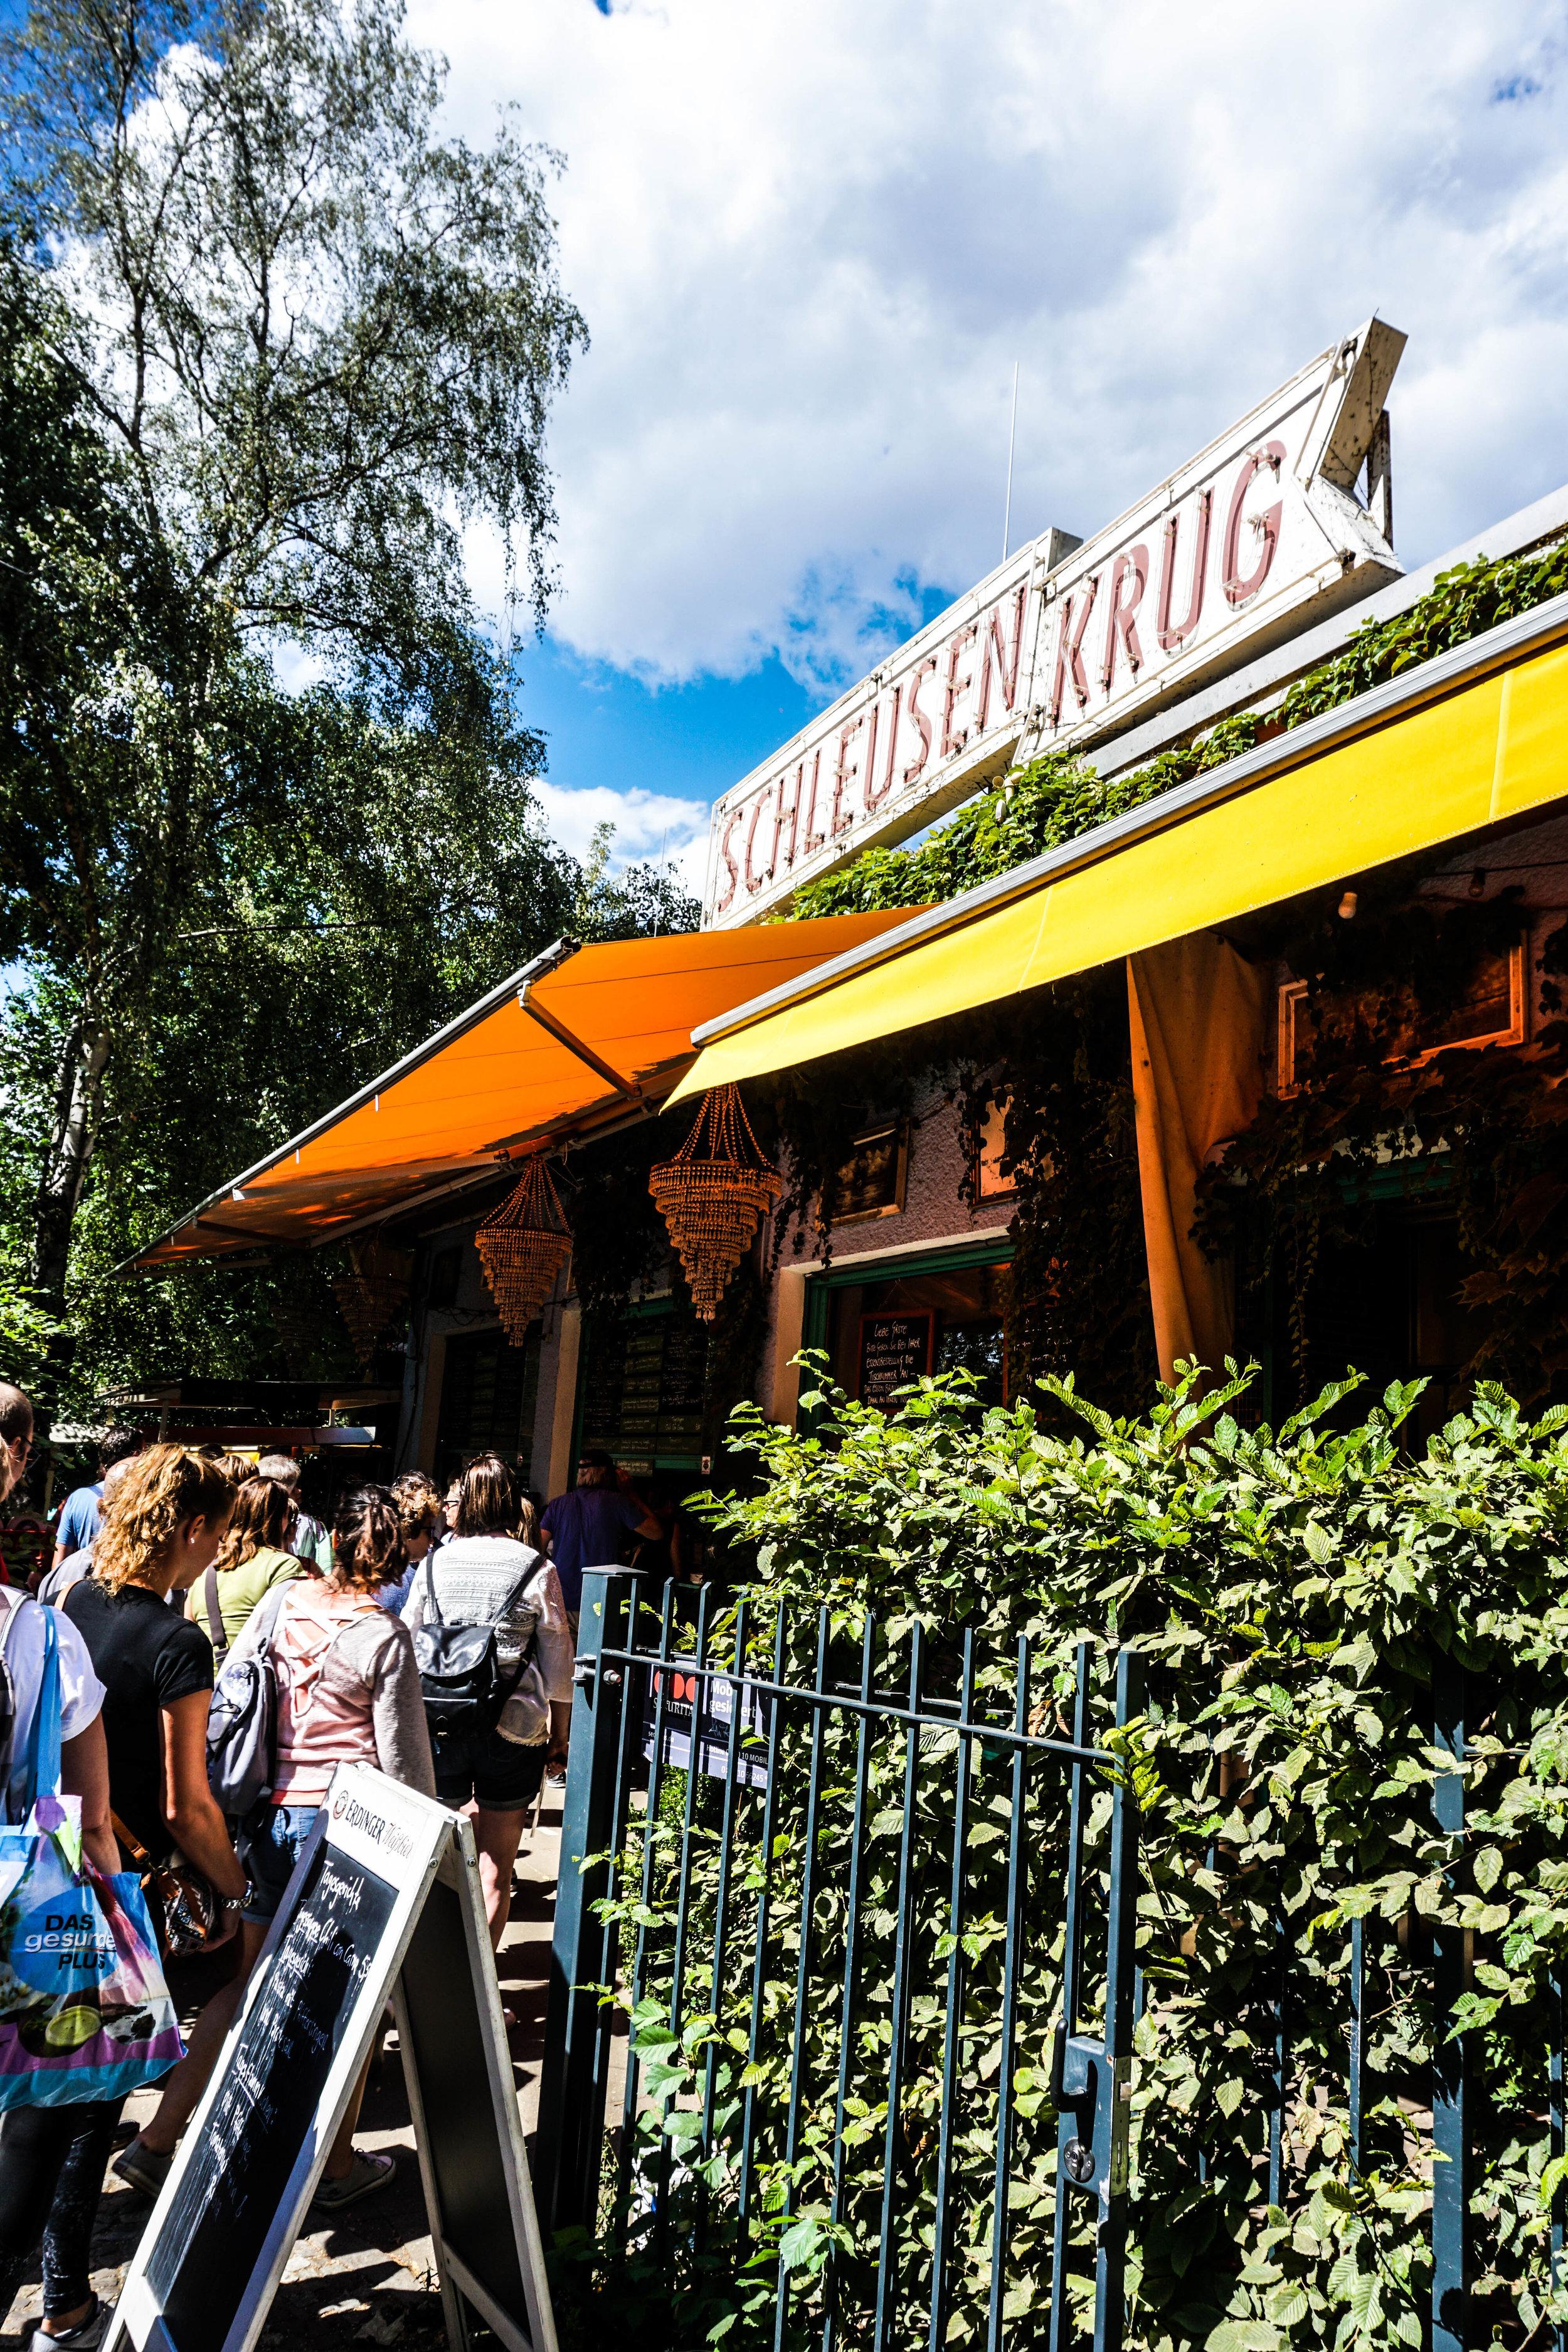 Schleusenkrug Beer Garden in Tiergarten